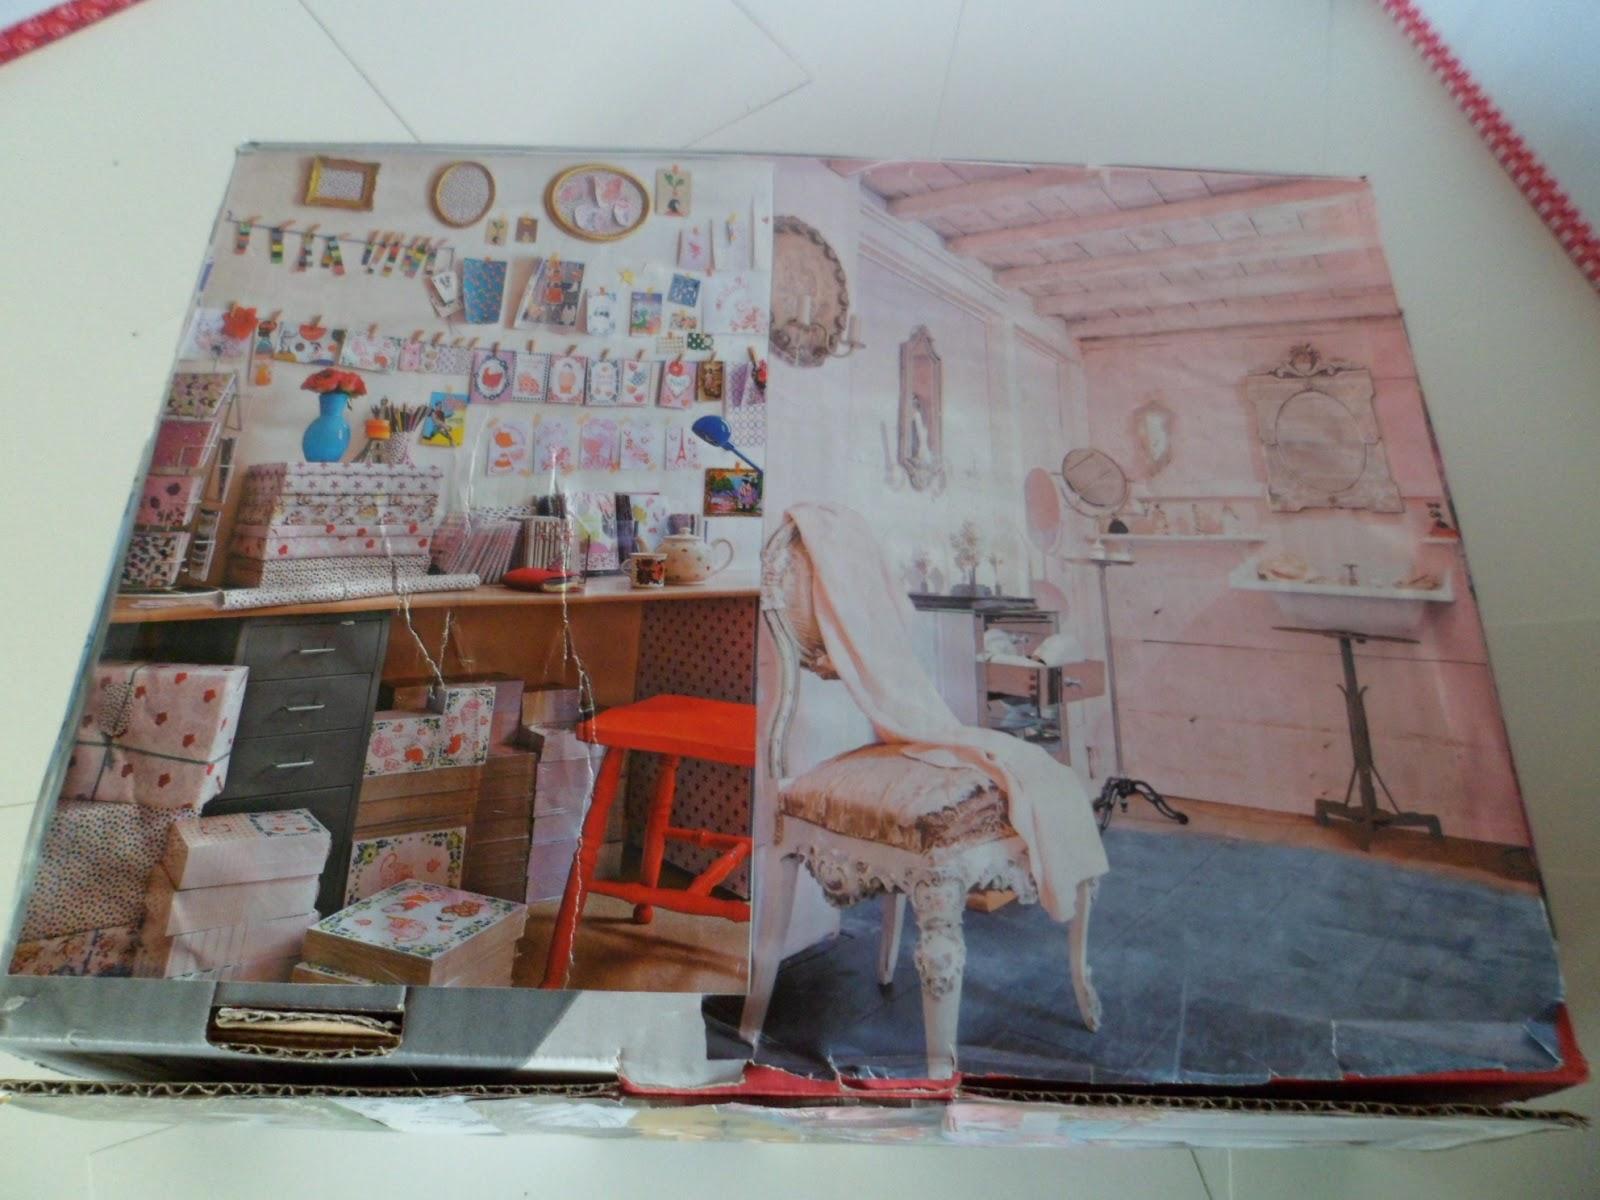 ma vie d co ranger ses papiers. Black Bedroom Furniture Sets. Home Design Ideas